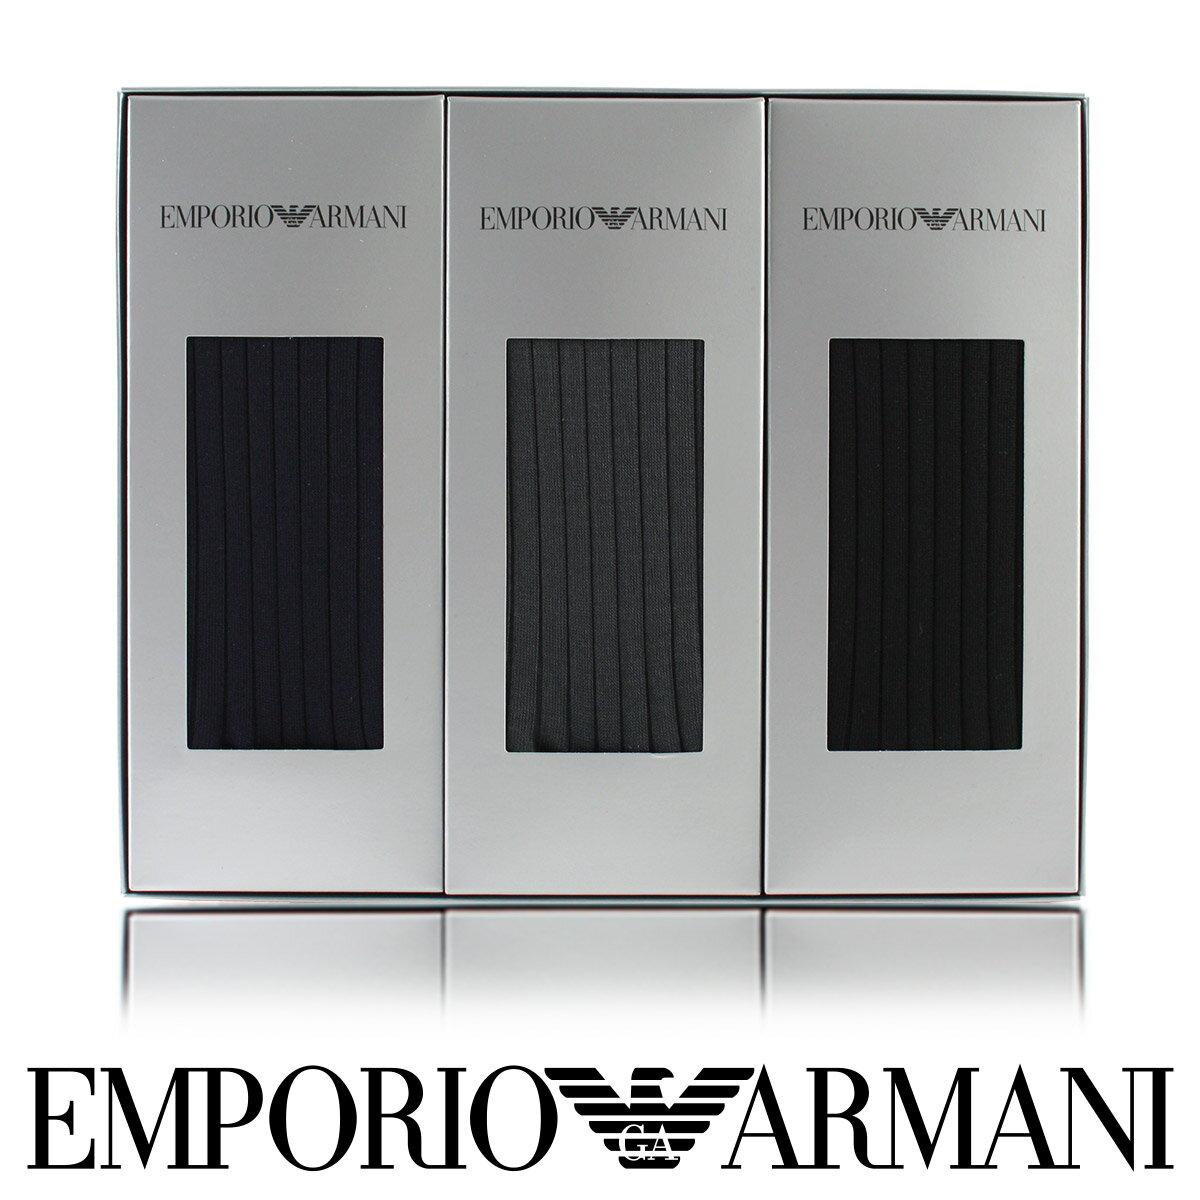 【送料無料】EMPORIO ARMANI ( エンポリオ アルマーニ ) メンズ ソックス オールシーズン用 靴下 Dress リブ クルー丈 ソックス ブランド靴下3足組ギフトセット男性 メンズ ギフトEA-3P バレンタイン プレゼント ポイント10倍